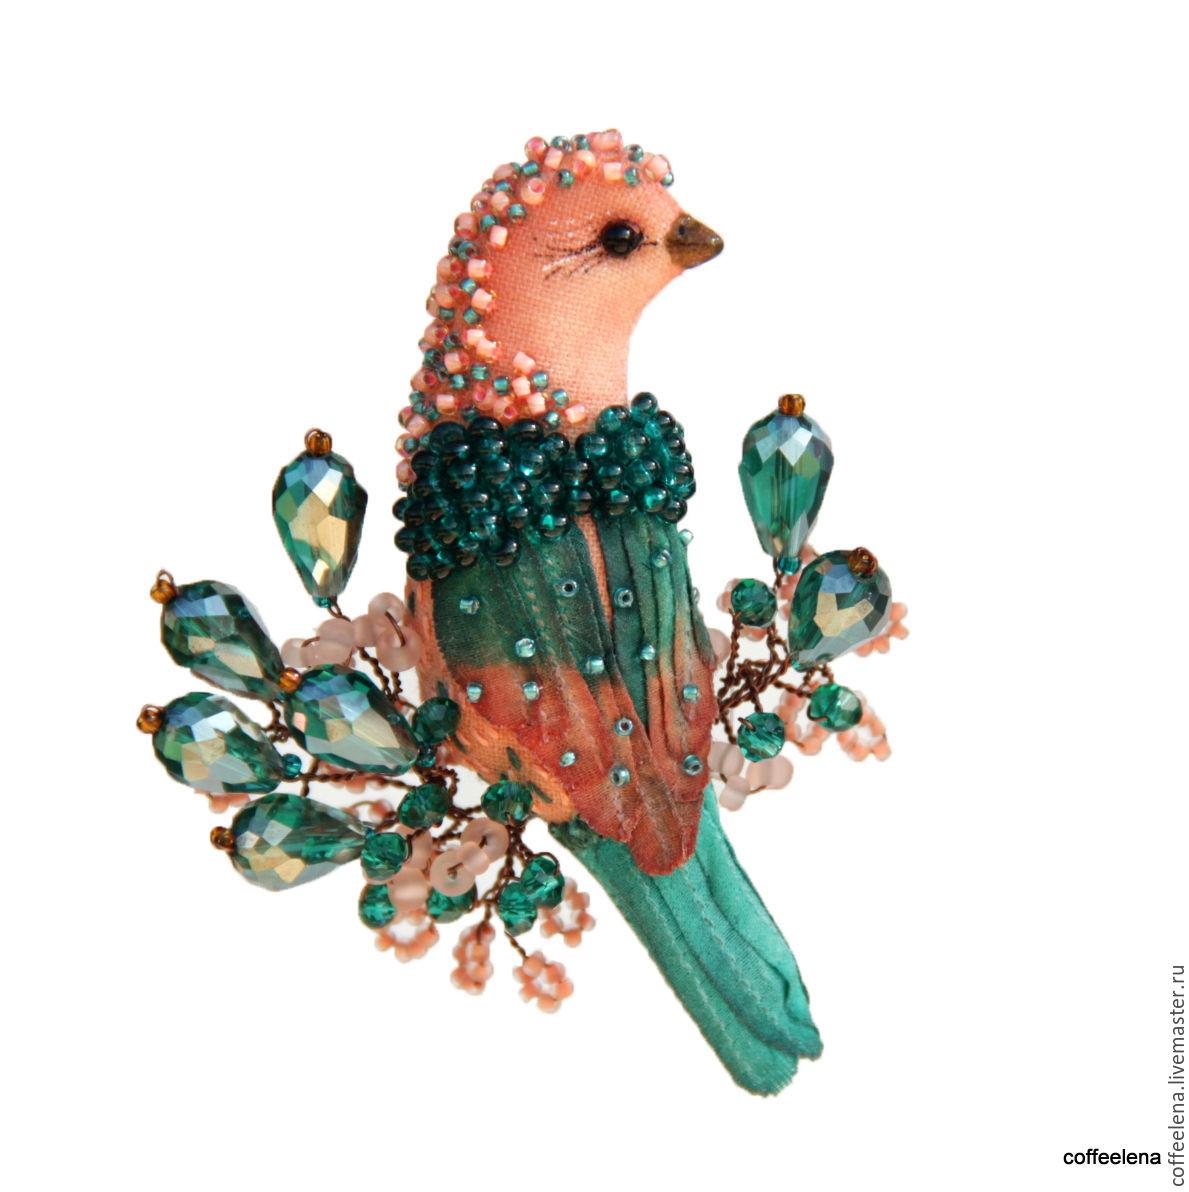 Брошь птичка из бисера мастер класс с пошаговым для начинающих